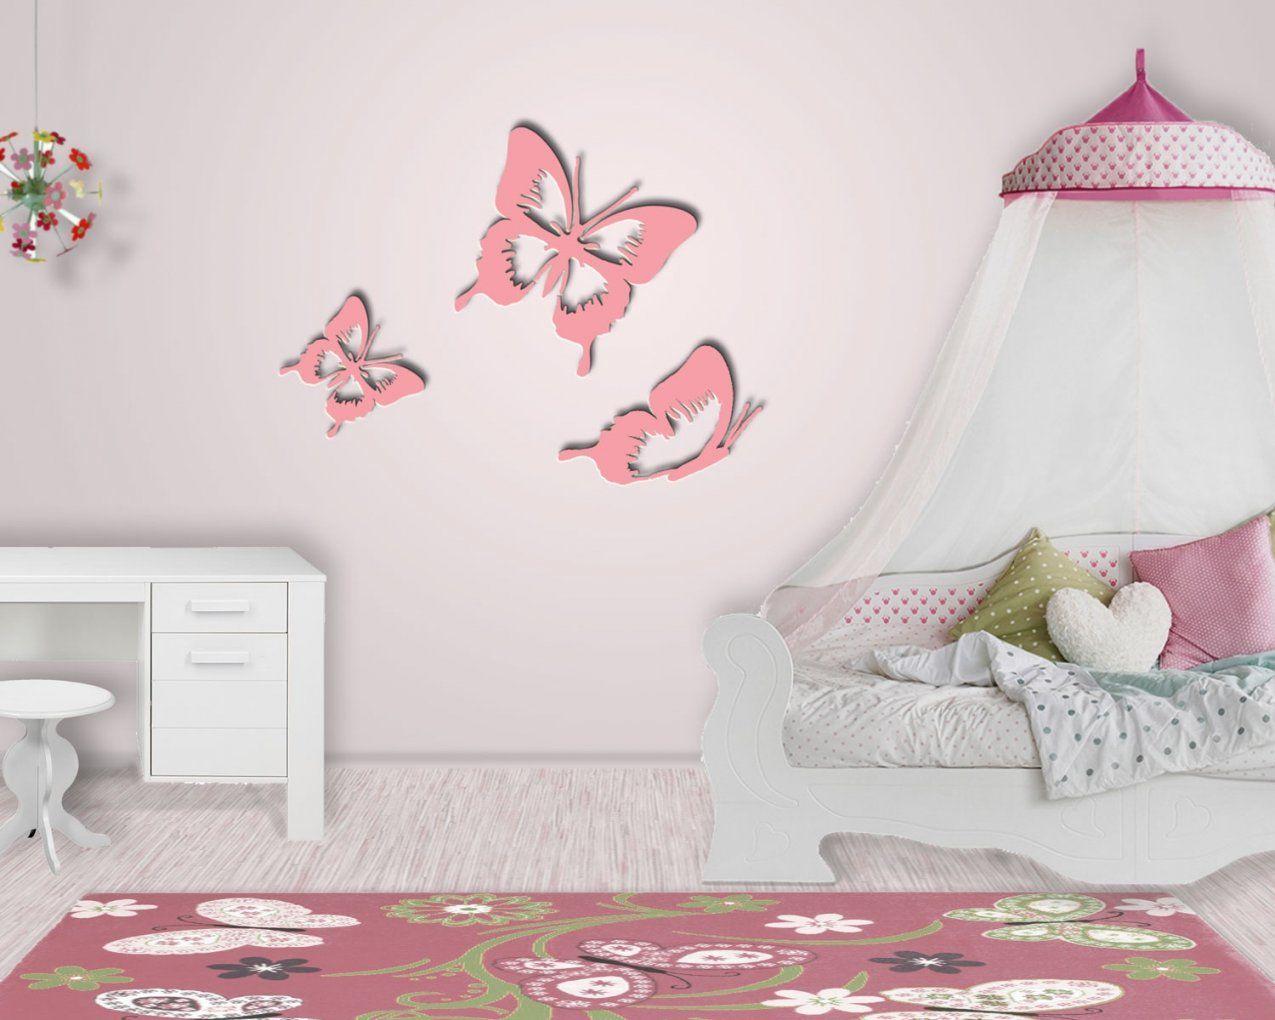 Wanddekoration Kinderzimmer Selber Machen Wanddeko Selber Machen